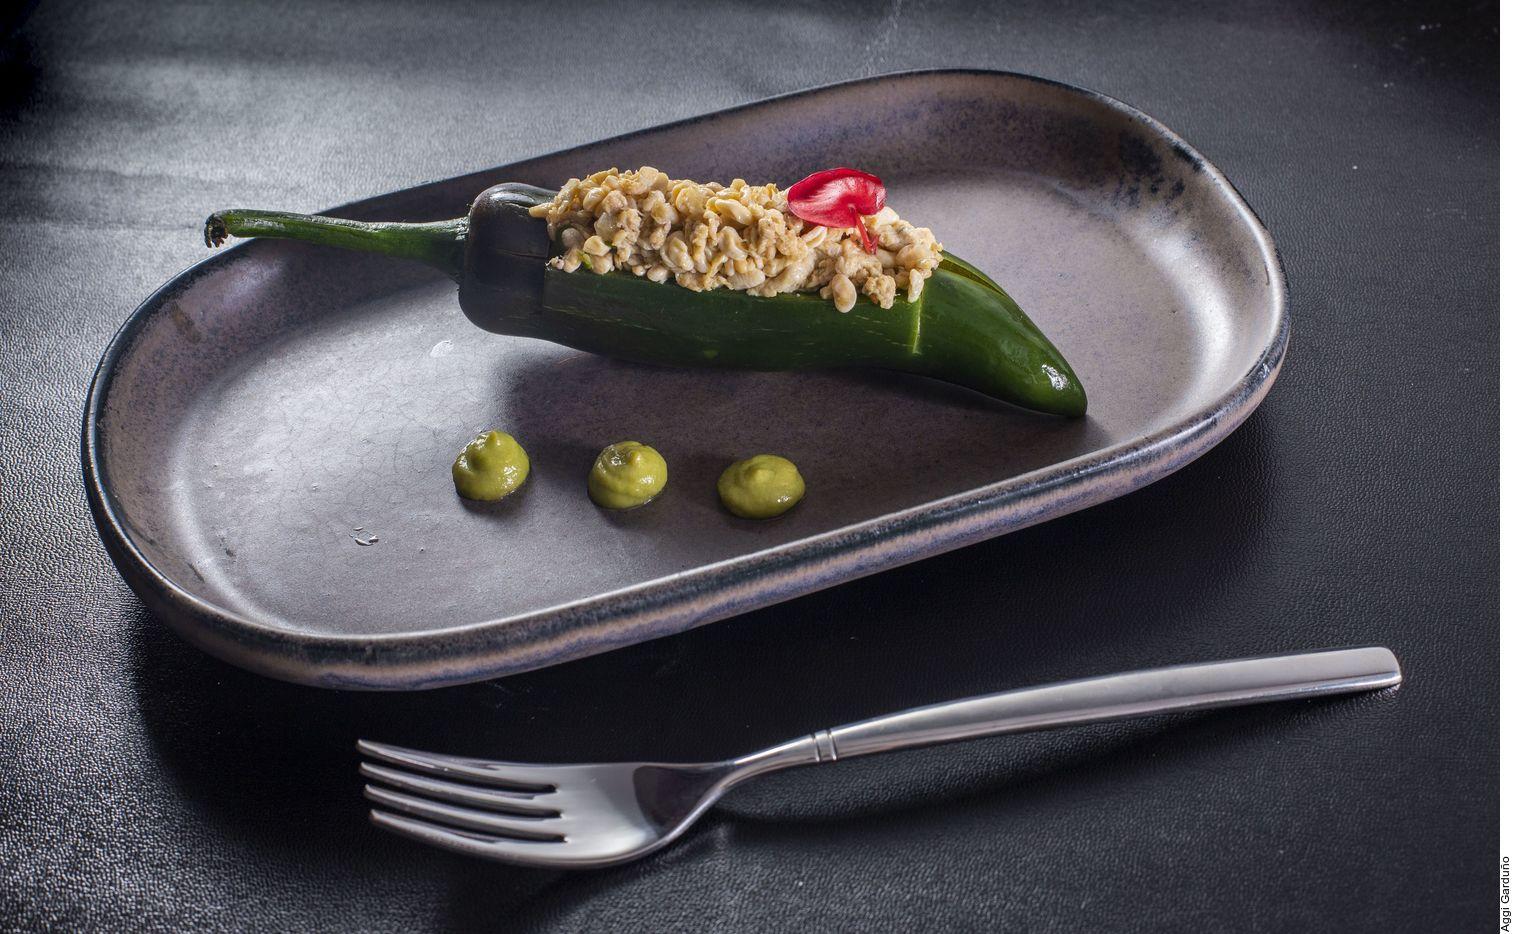 El chile jalapeño relleno de escamoles se logra al calentar el vinagre con las hierbas a fuego bajo. Agregar la cebolla y el ajo. Antes de hervir, incorporar los chiles y cocinar por 7 minutos